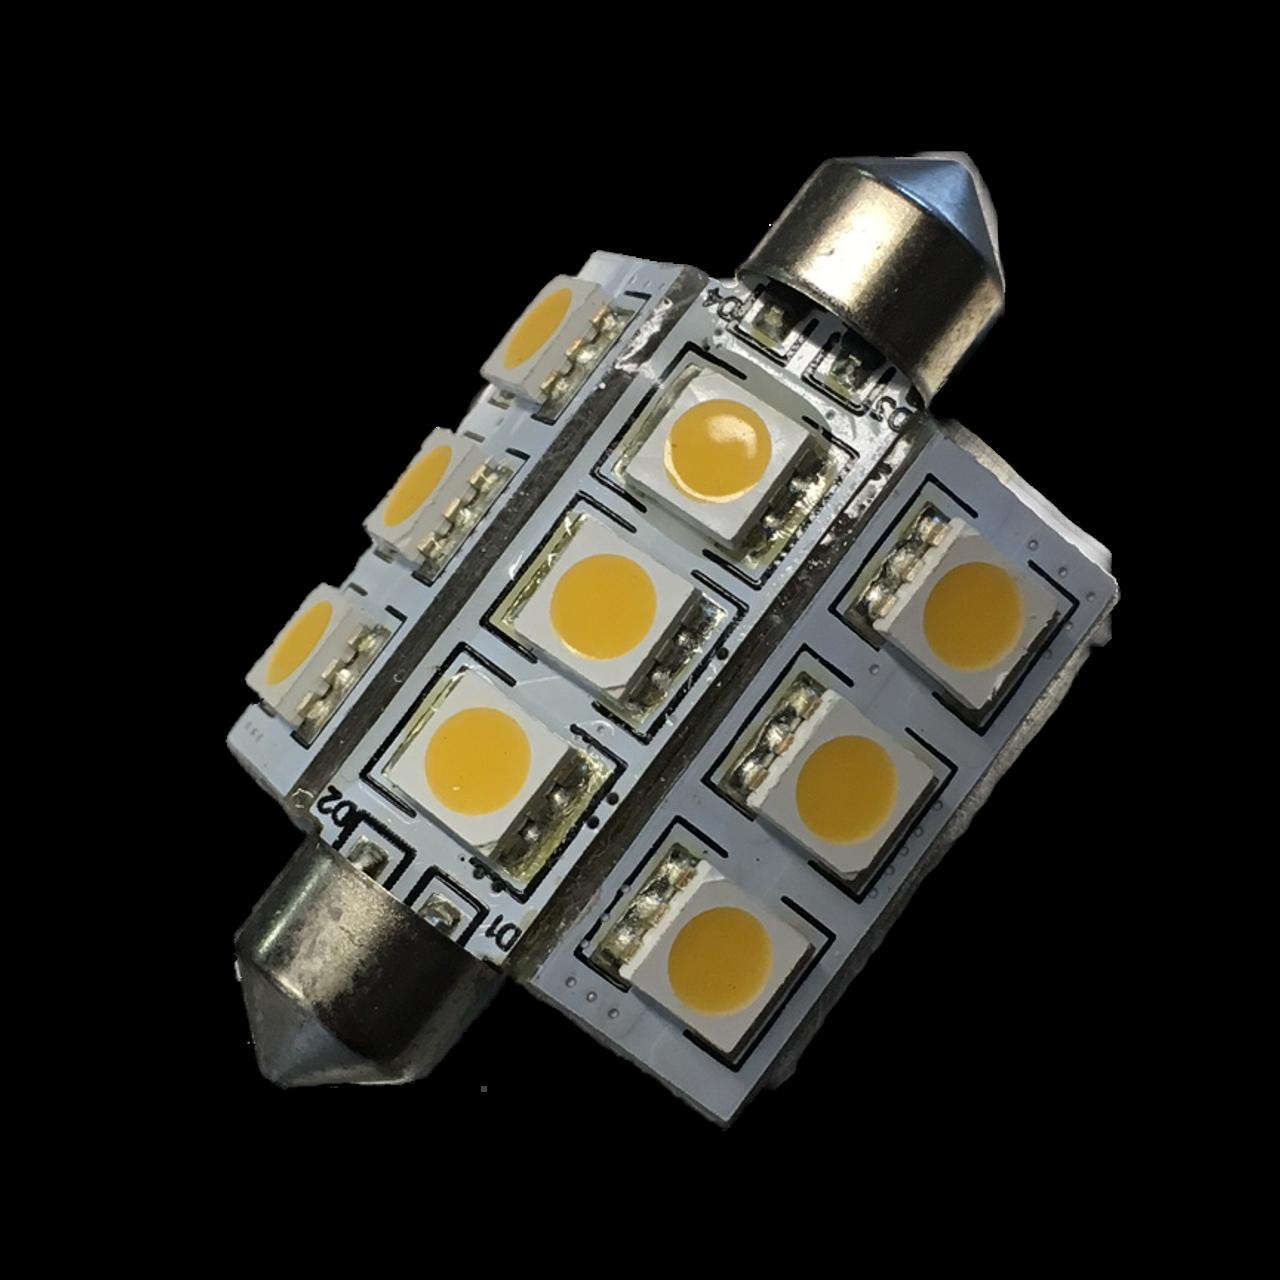 42mm Festoon LED Bulb